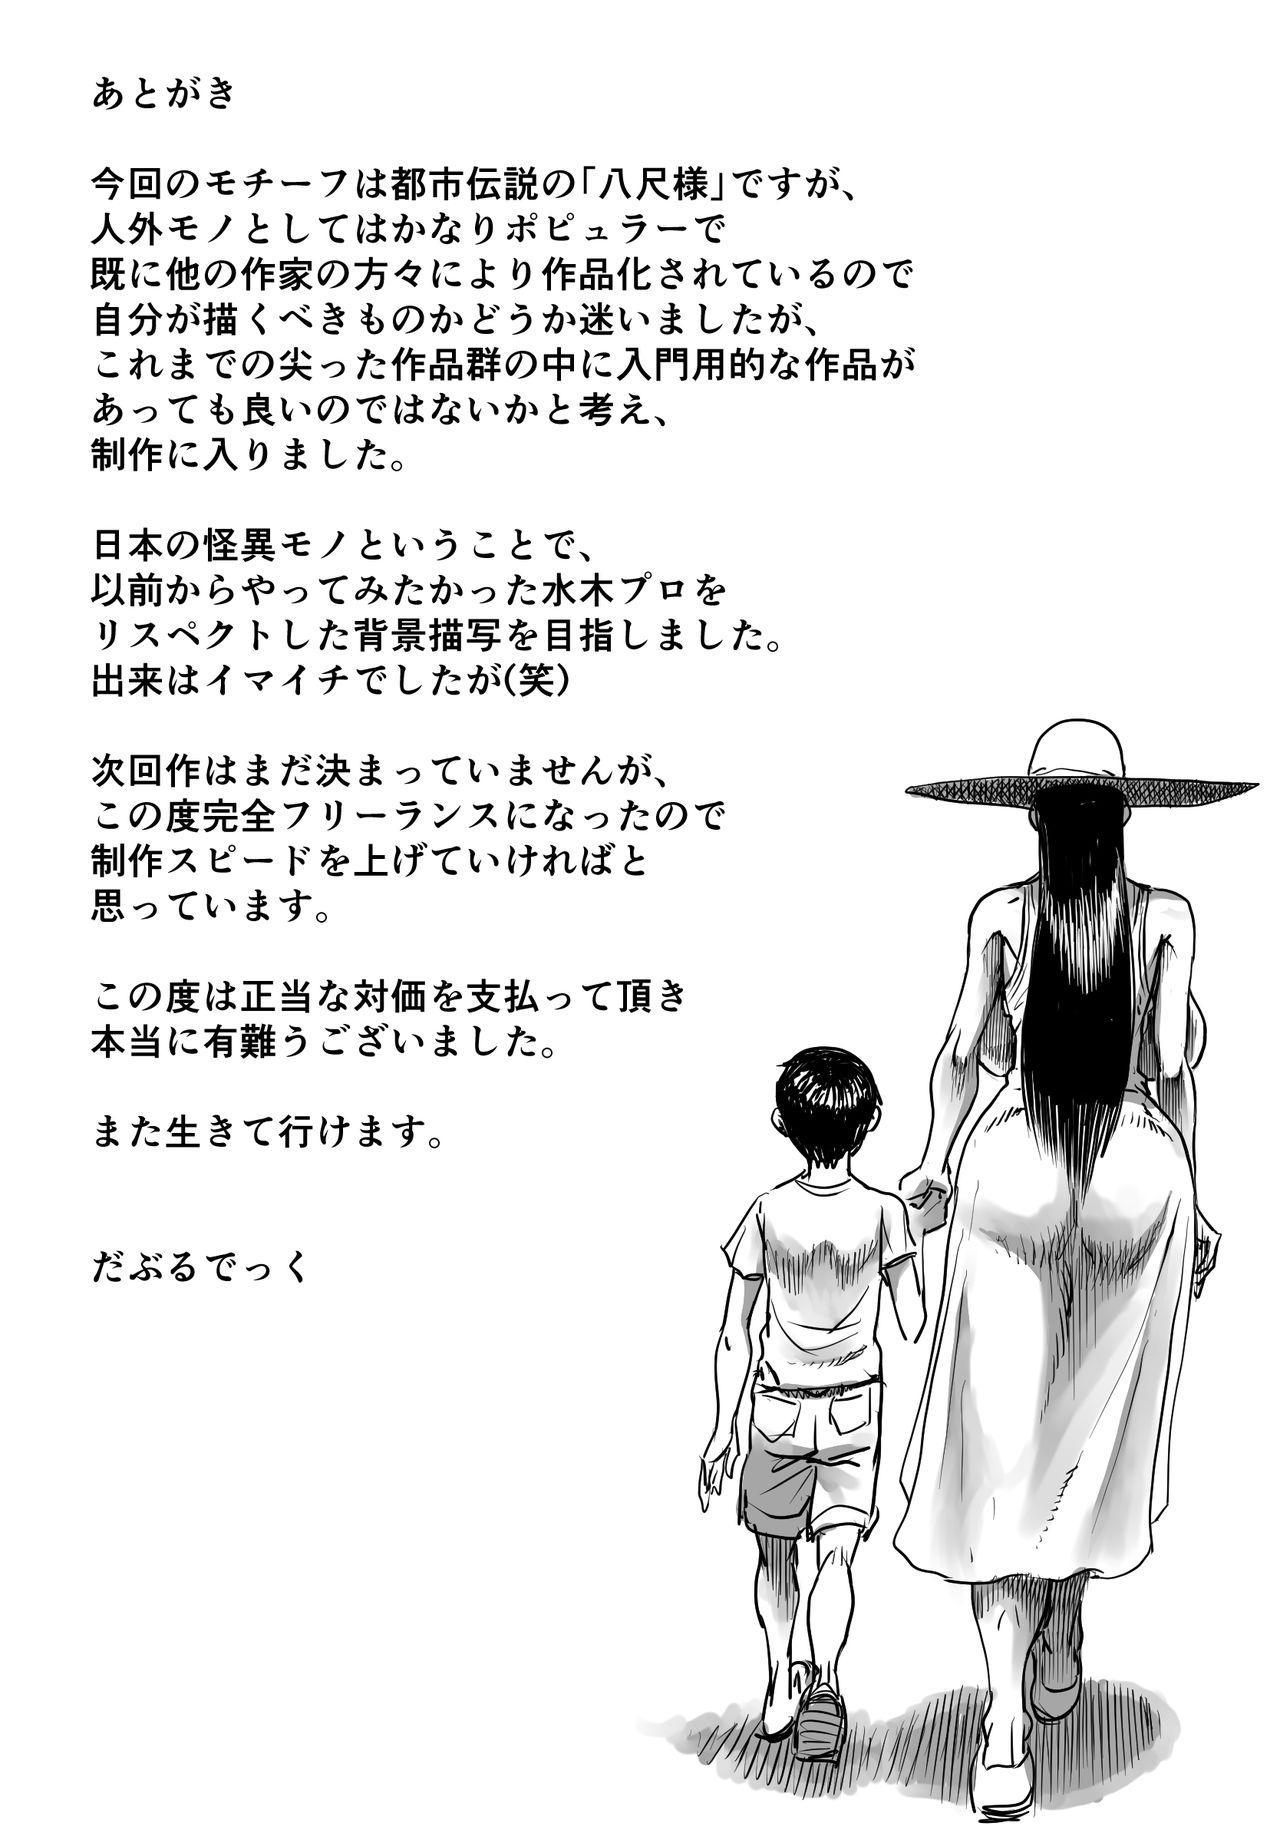 Ōse 41